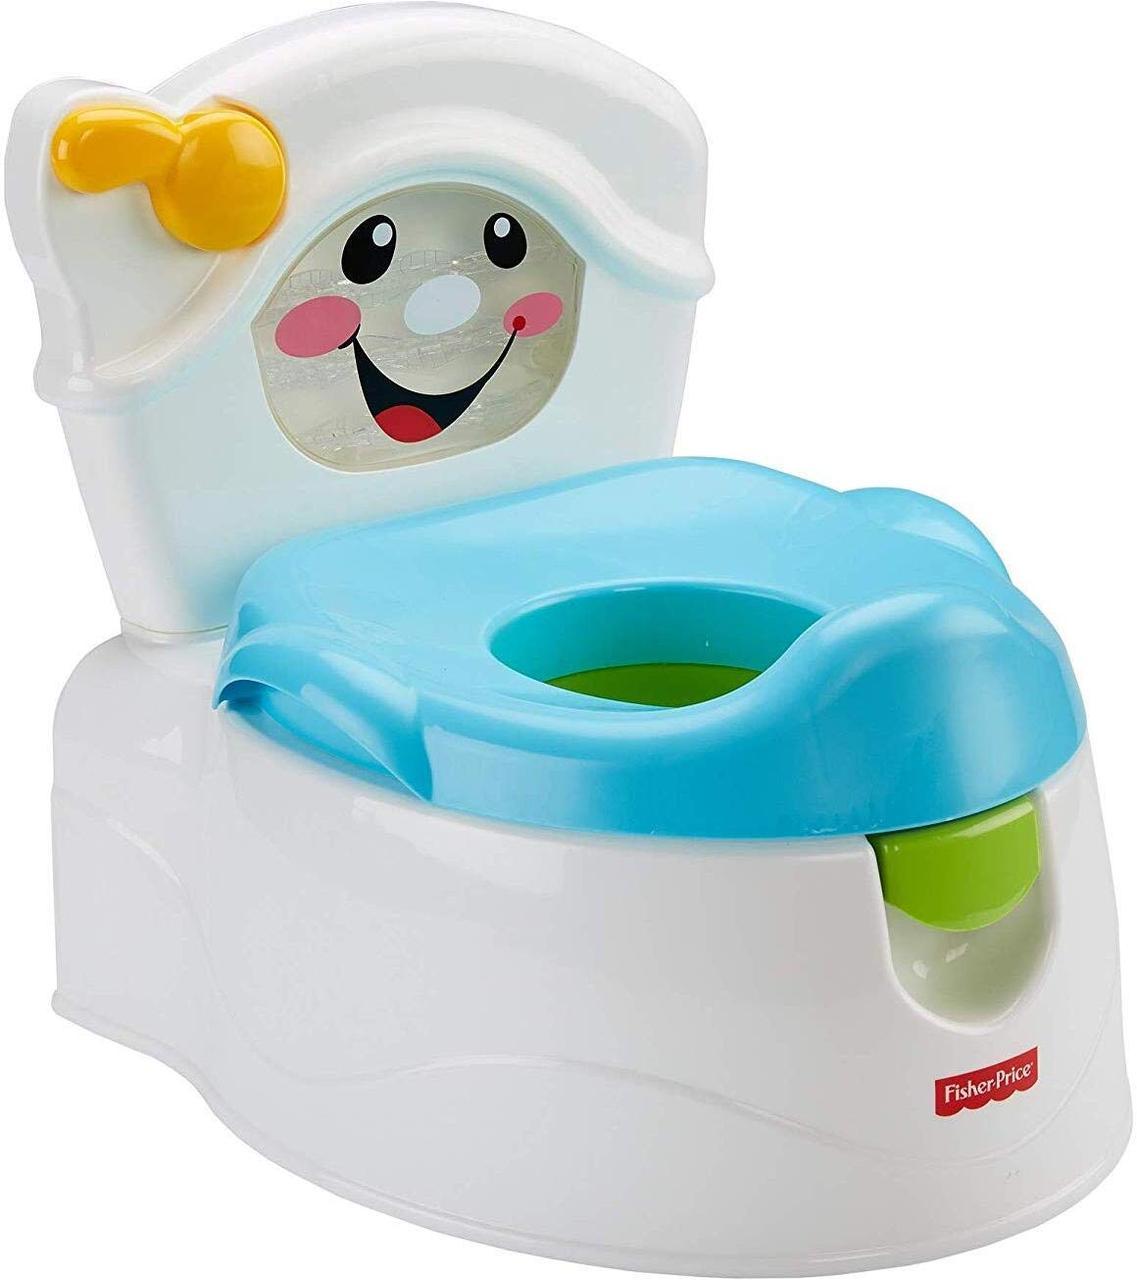 Фишер прайс Горшок музыкальный 2 в 1 Научи меня Fisher-Price Learn-to-Flush Potty